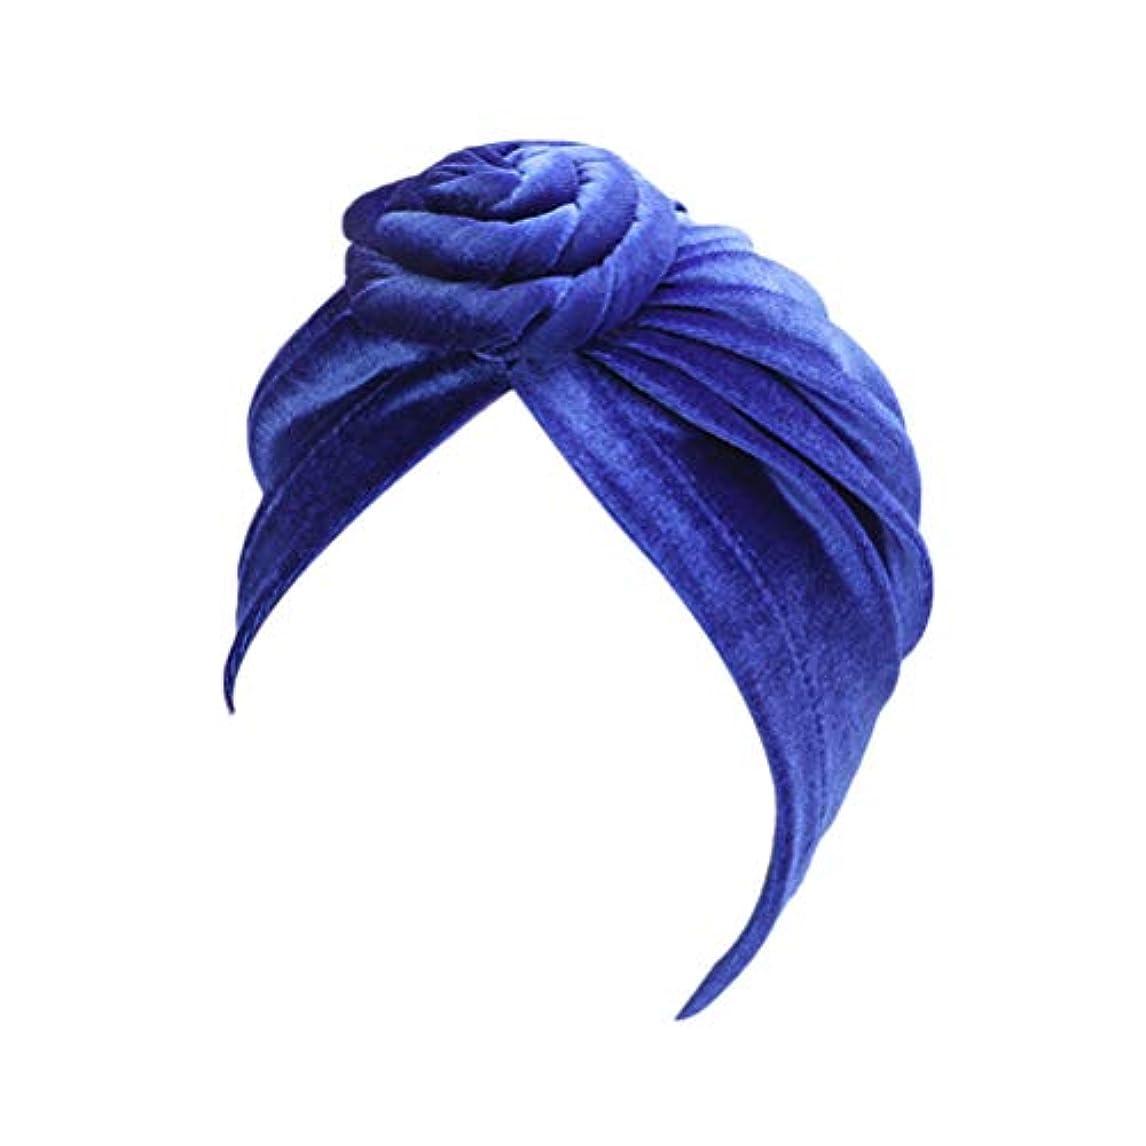 アクセシブルアクセシブル浸すHealifty 睡眠ナイトキャップ花装飾ワイドバンドボンネットナイトヘッドカバーソフトヘアターバン女性用ヘアビューティーケアキャップ(ブルー)